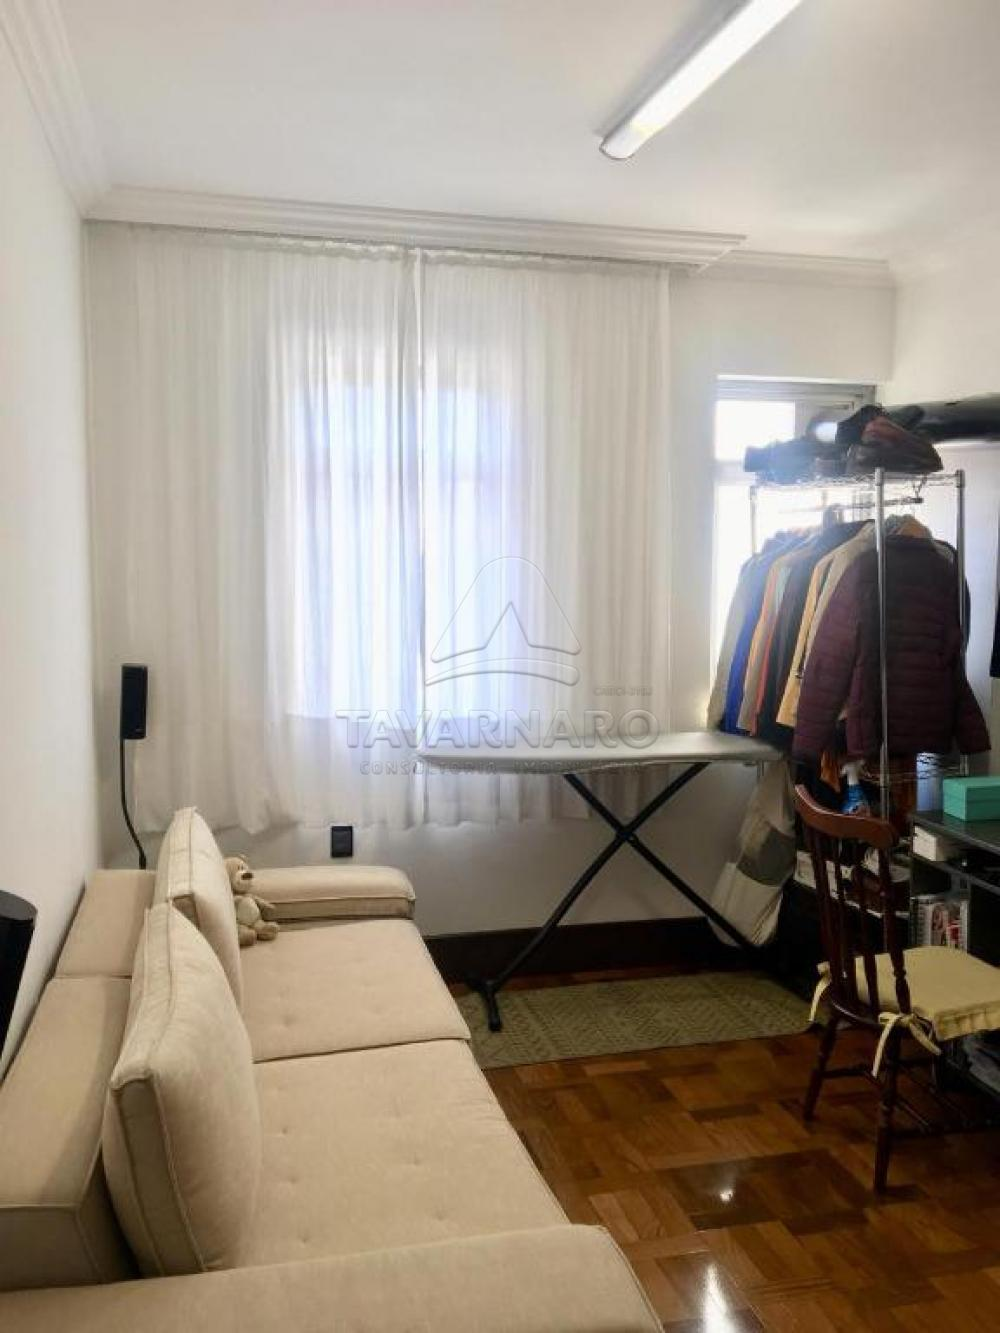 Comprar Apartamento / Padrão em Ponta Grossa R$ 620.000,00 - Foto 19